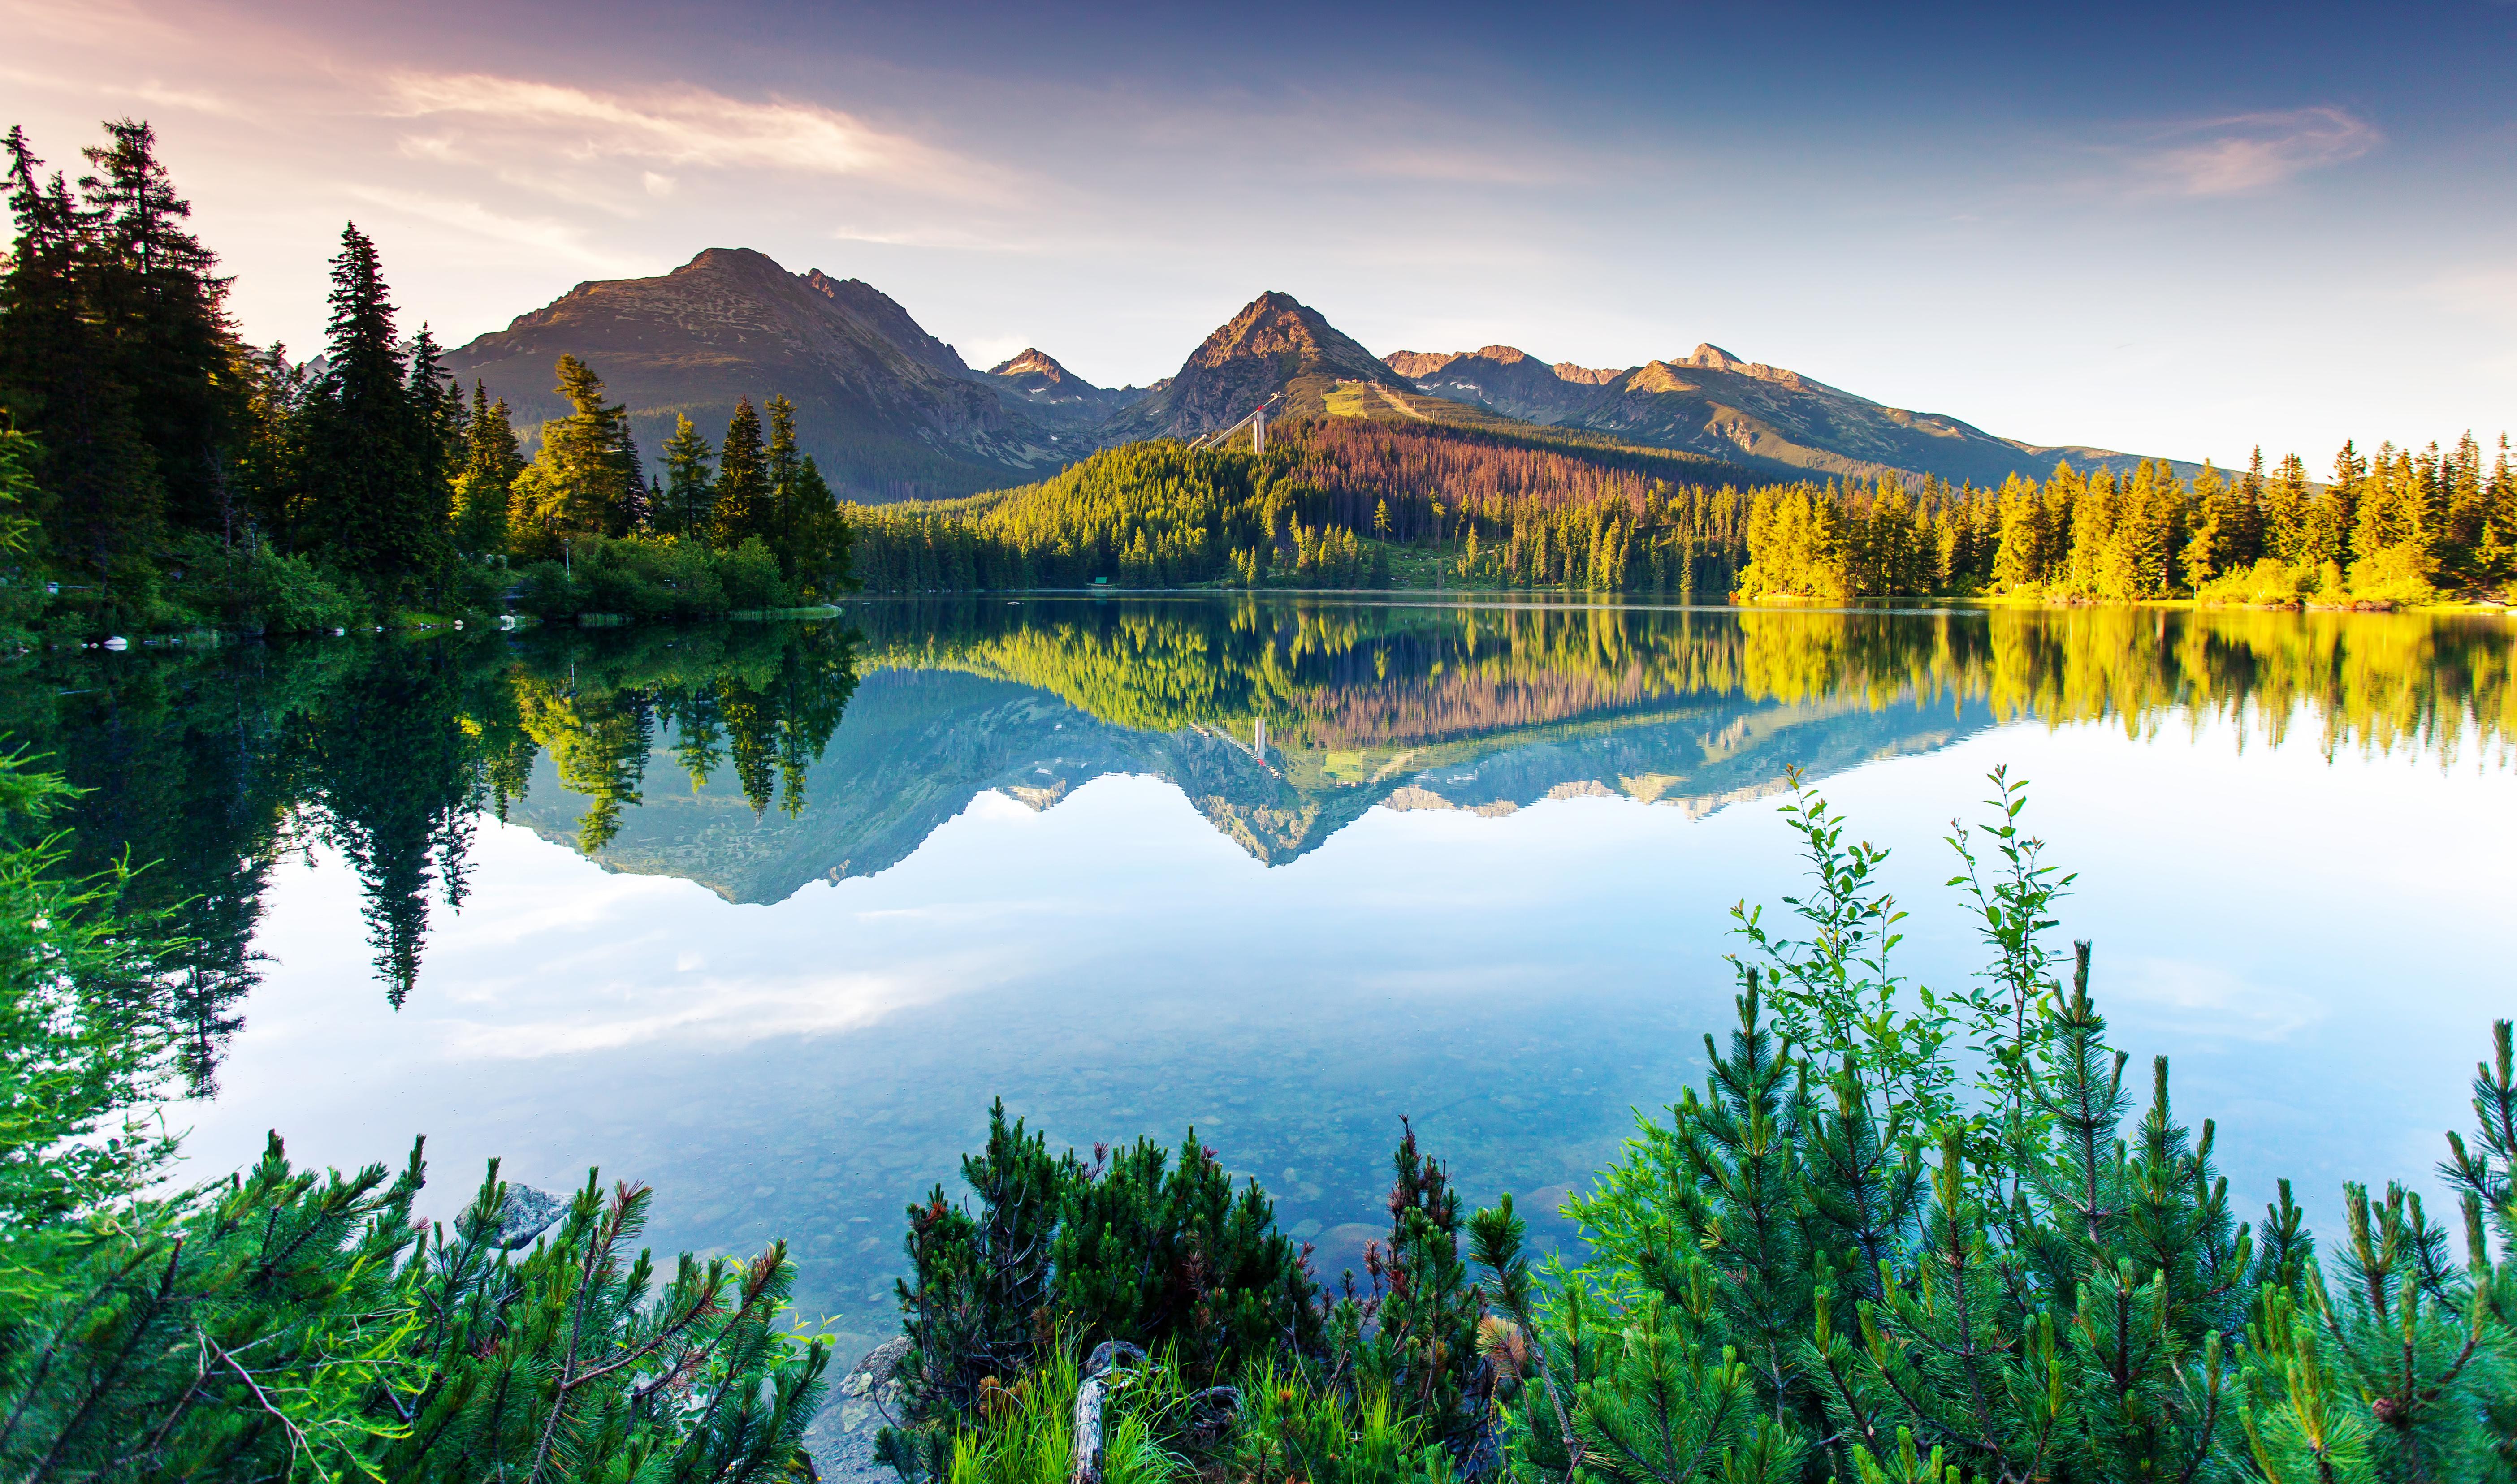 Озеро и горы Татры в Словакии, куда можно переехать из стран СНГ